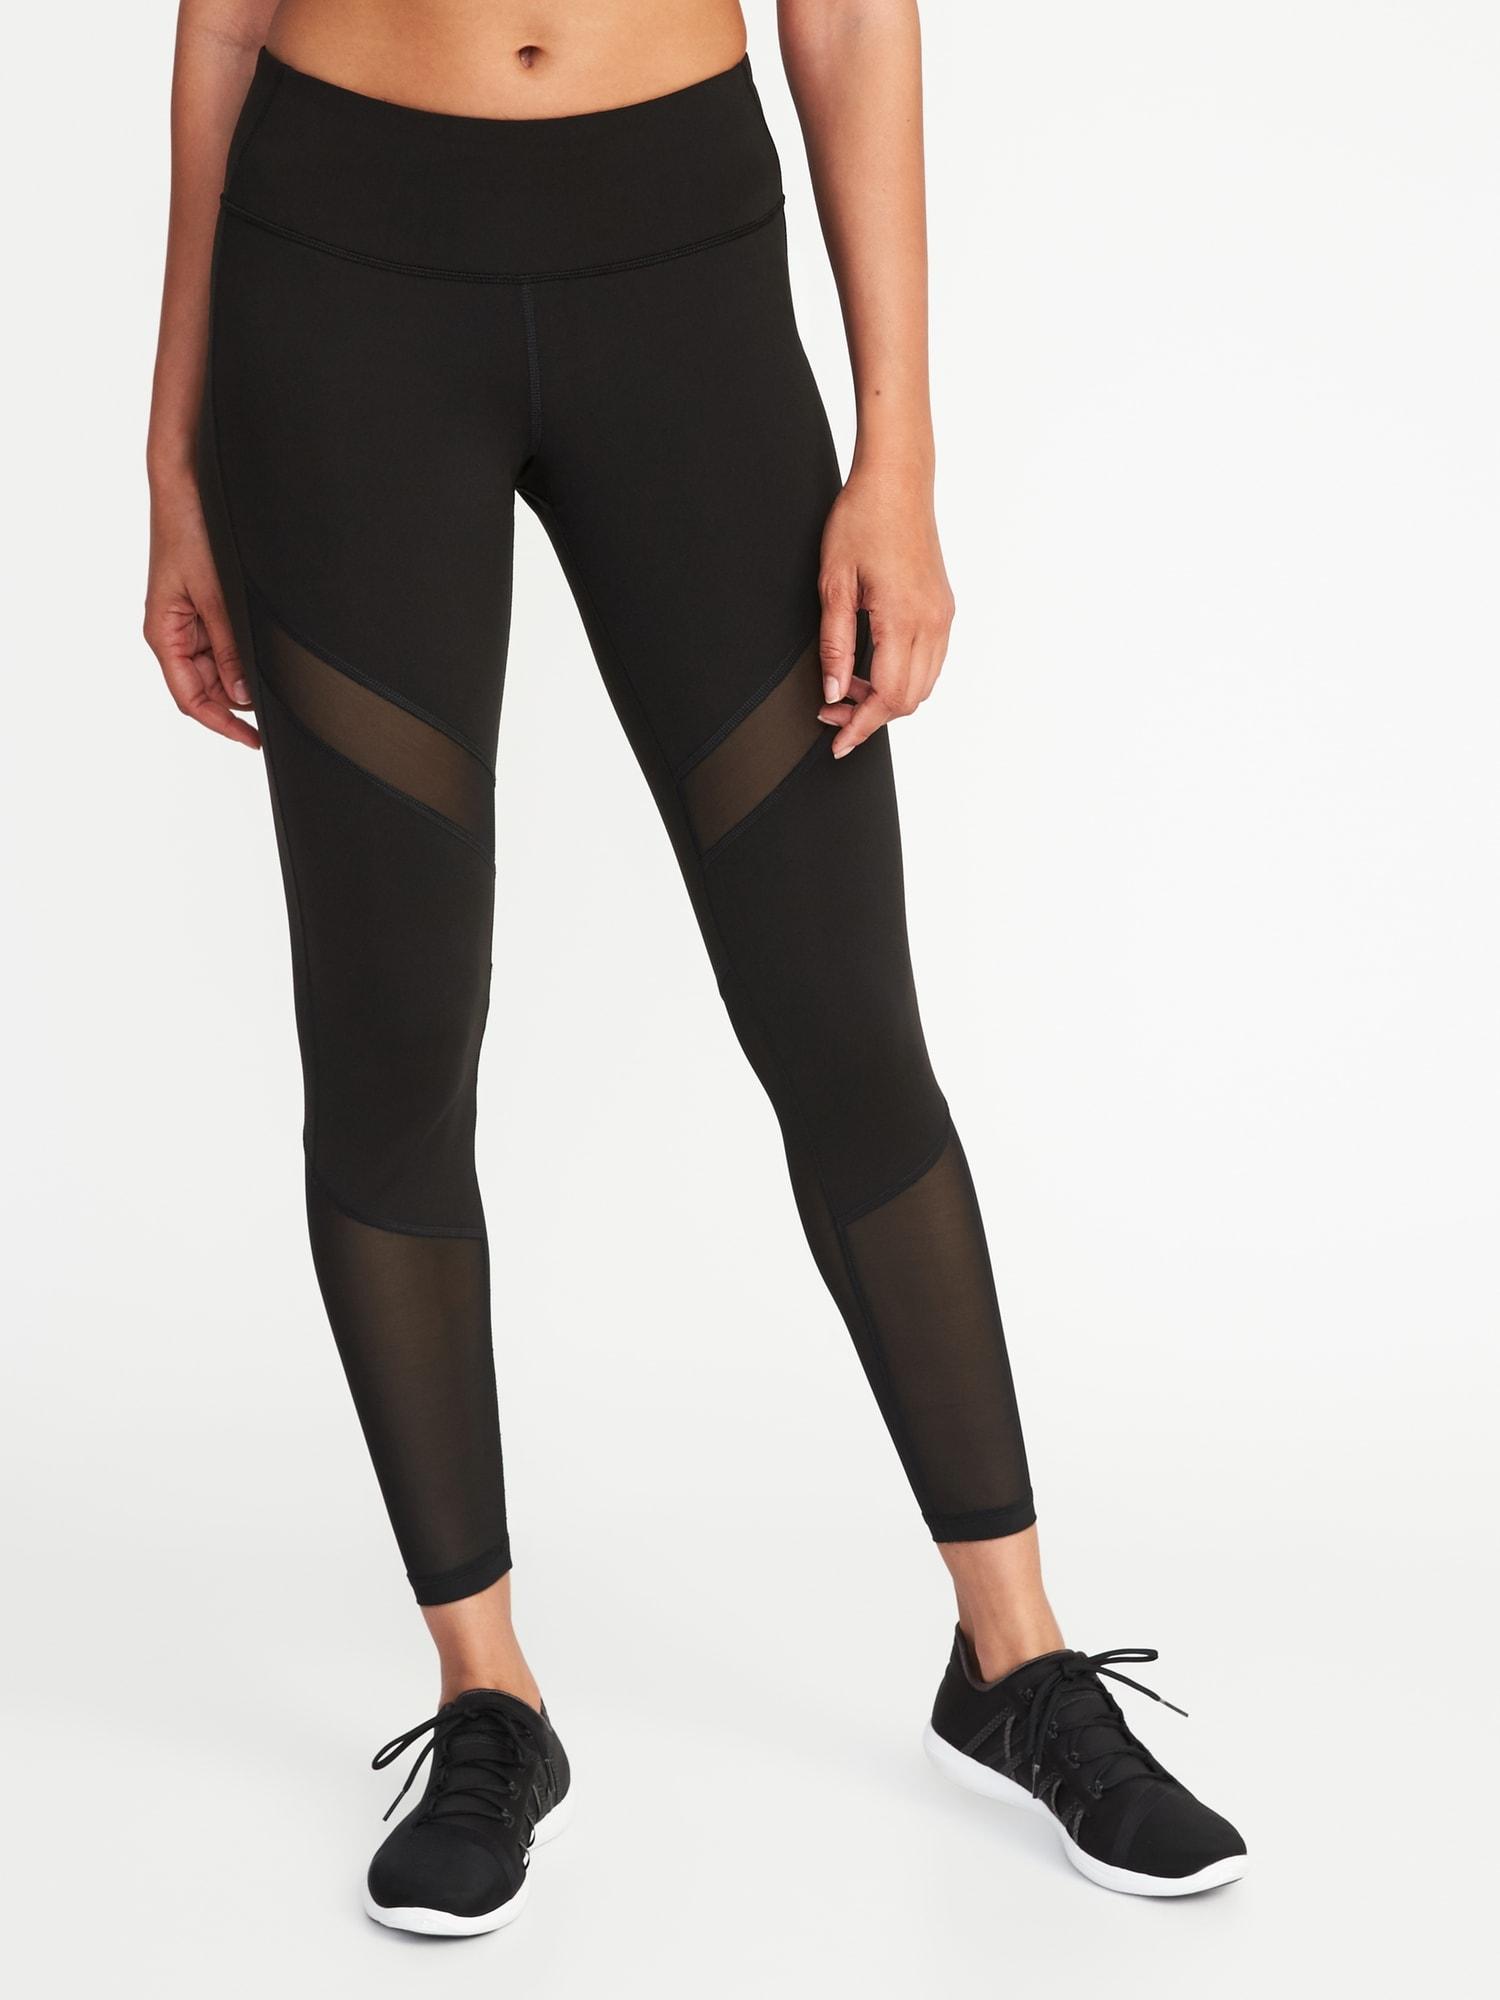 71517c4ac6942 Mid-Rise 7/8-Length Mesh-Trim Leggings for Women   Old Navy